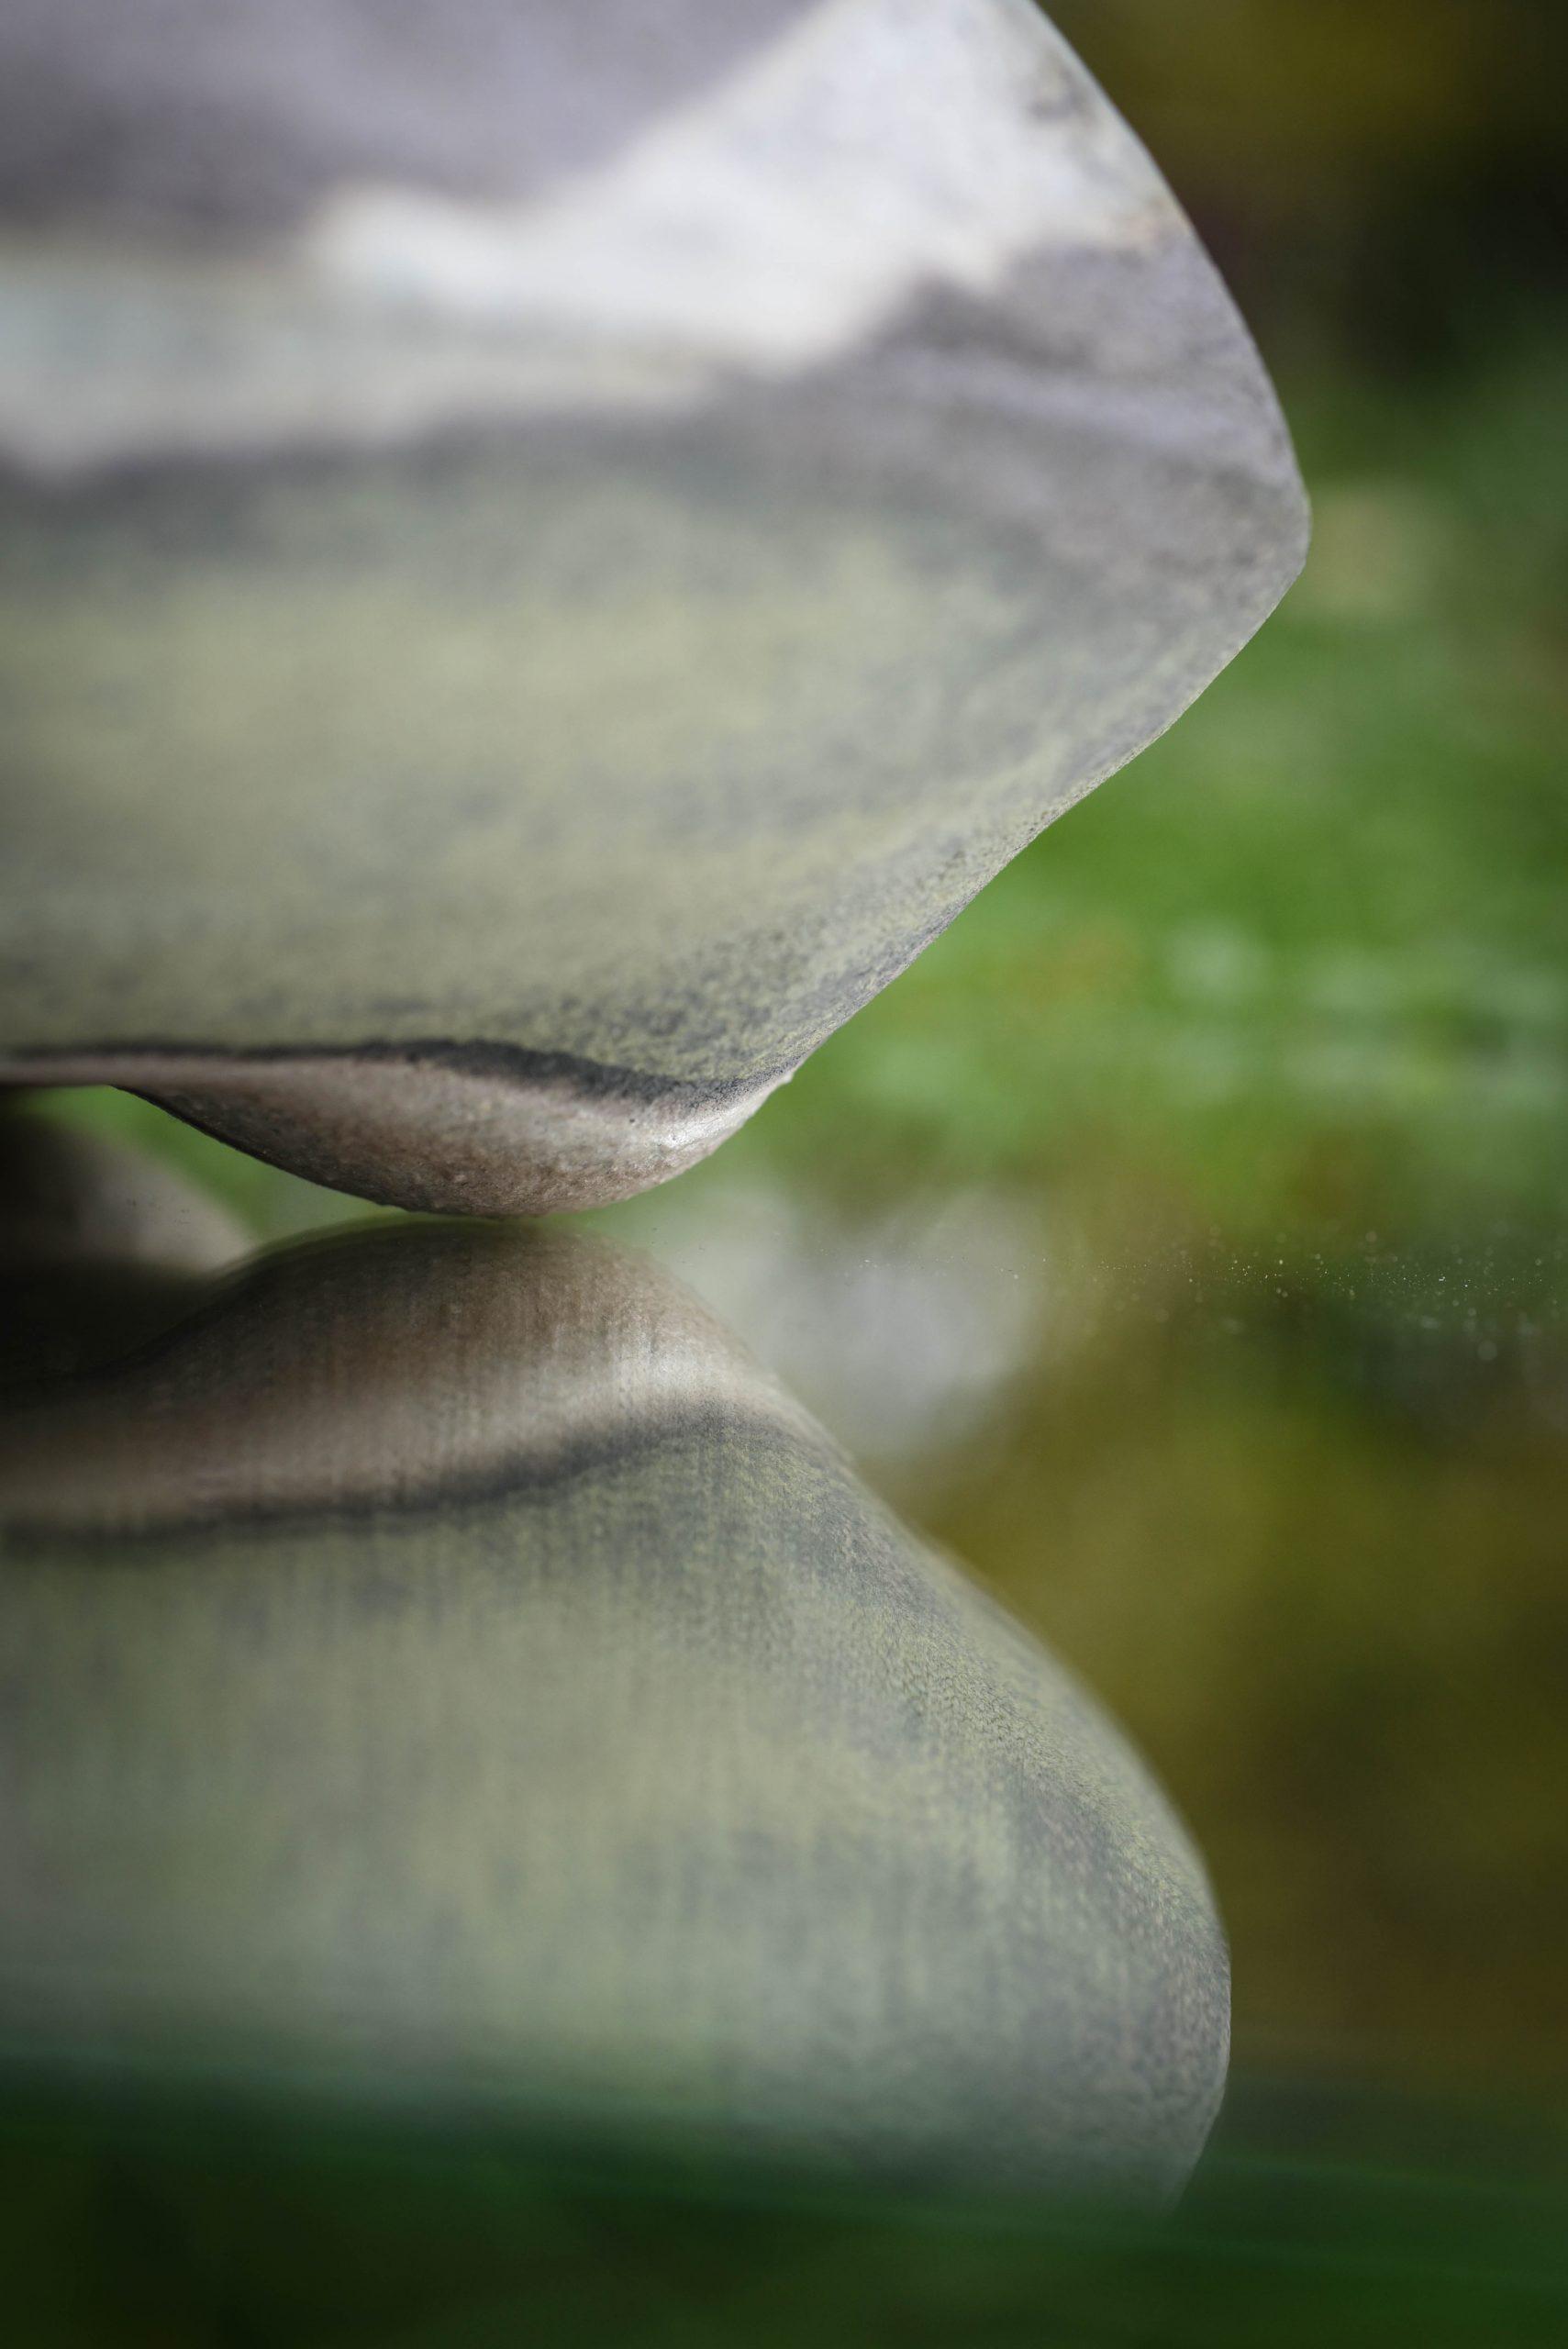 Les ilots sont des sculptures de grès entièrement recouvertes d'émail. Leur forme est celle d'une grosse lentille de 30 cm de diamètre. Les 2 cotés de la pièces sont émaillés. Dans une volonté de sobriété, un seul émail vert mousse est utilisé. Il est recouvert par endroit d'un émail blanc beige ourlé de noir. Cette sculpture évoque à la fois une cellule vue en microscopique électronique (les ilots de Langerhans sont les amas de cellules qui fabriquent notamment l'insuline) ou un vaste paysage vallonné dans lequel on peut rêver, Autres mots clés : céramique - art cuisson - haute température – sciences